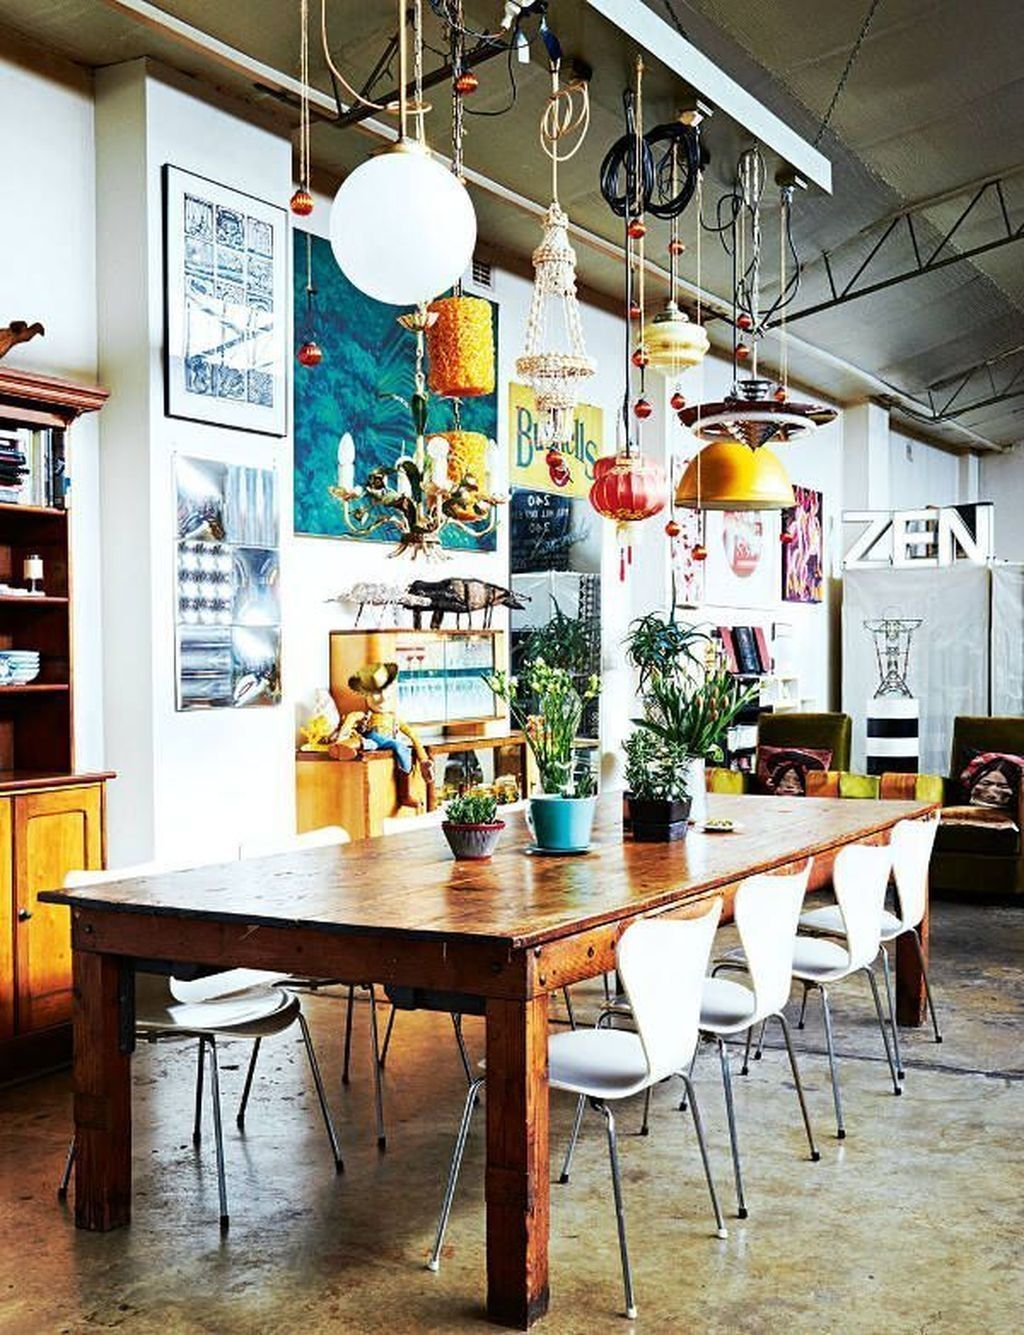 Oltre 20 Straordinarie Idee Di Design Per La Sala Da Pranzo Con Stile Bohemien Dining Room Industrial Boho Dining Room Eclectic Dining Room